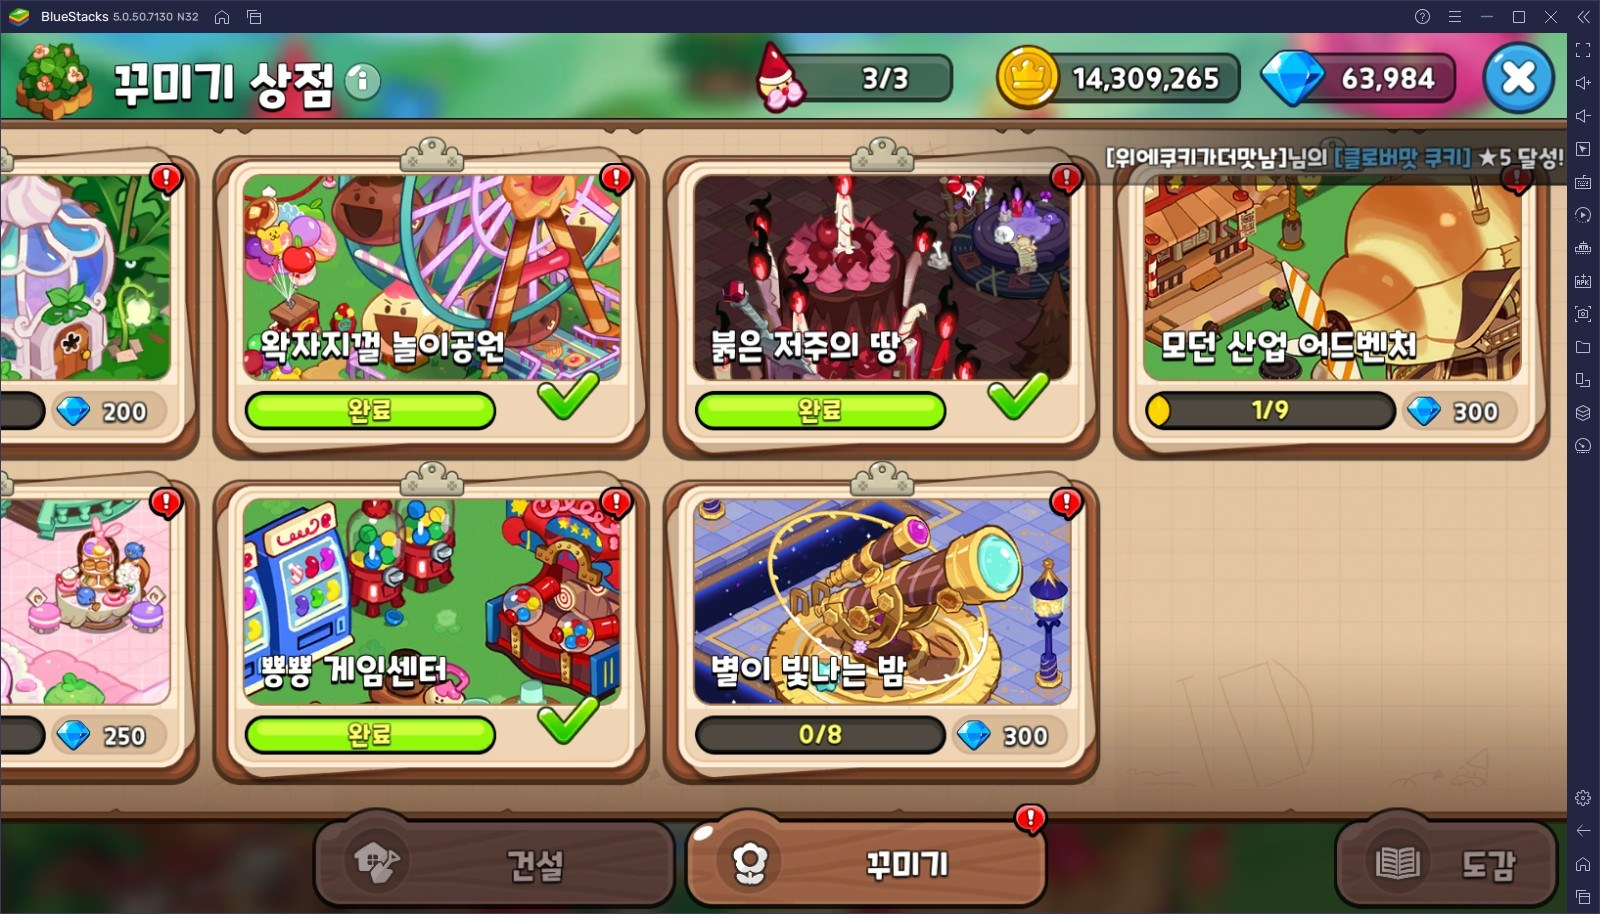 쿠키런: 킹덤 5월 대규모 업데이트 진행, 블루스택 앱플레이어로 PC에서 쿠키 이층집을 건설해봐요!